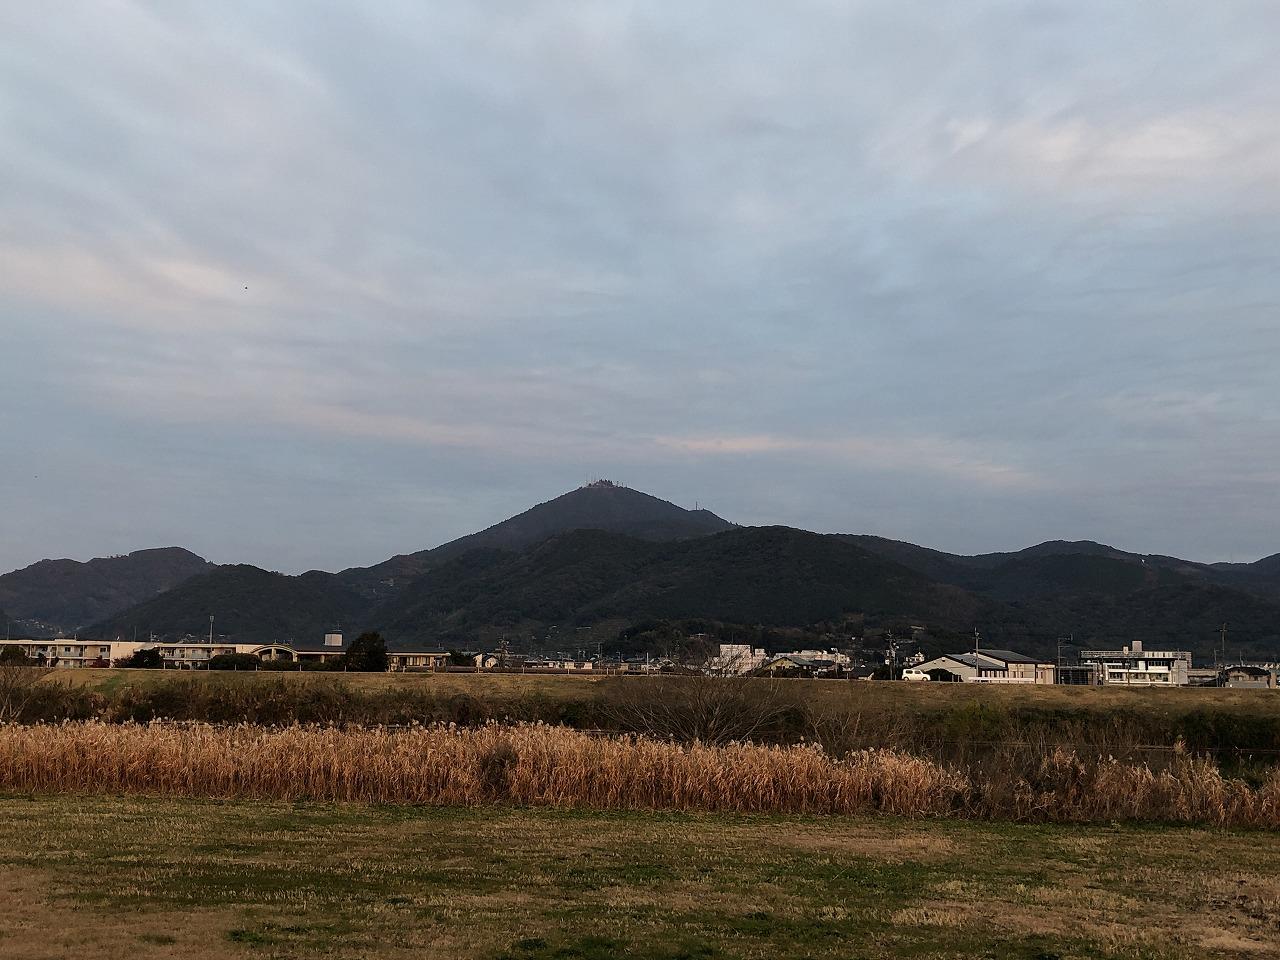 2020年1月6日 今朝の金峰山です。